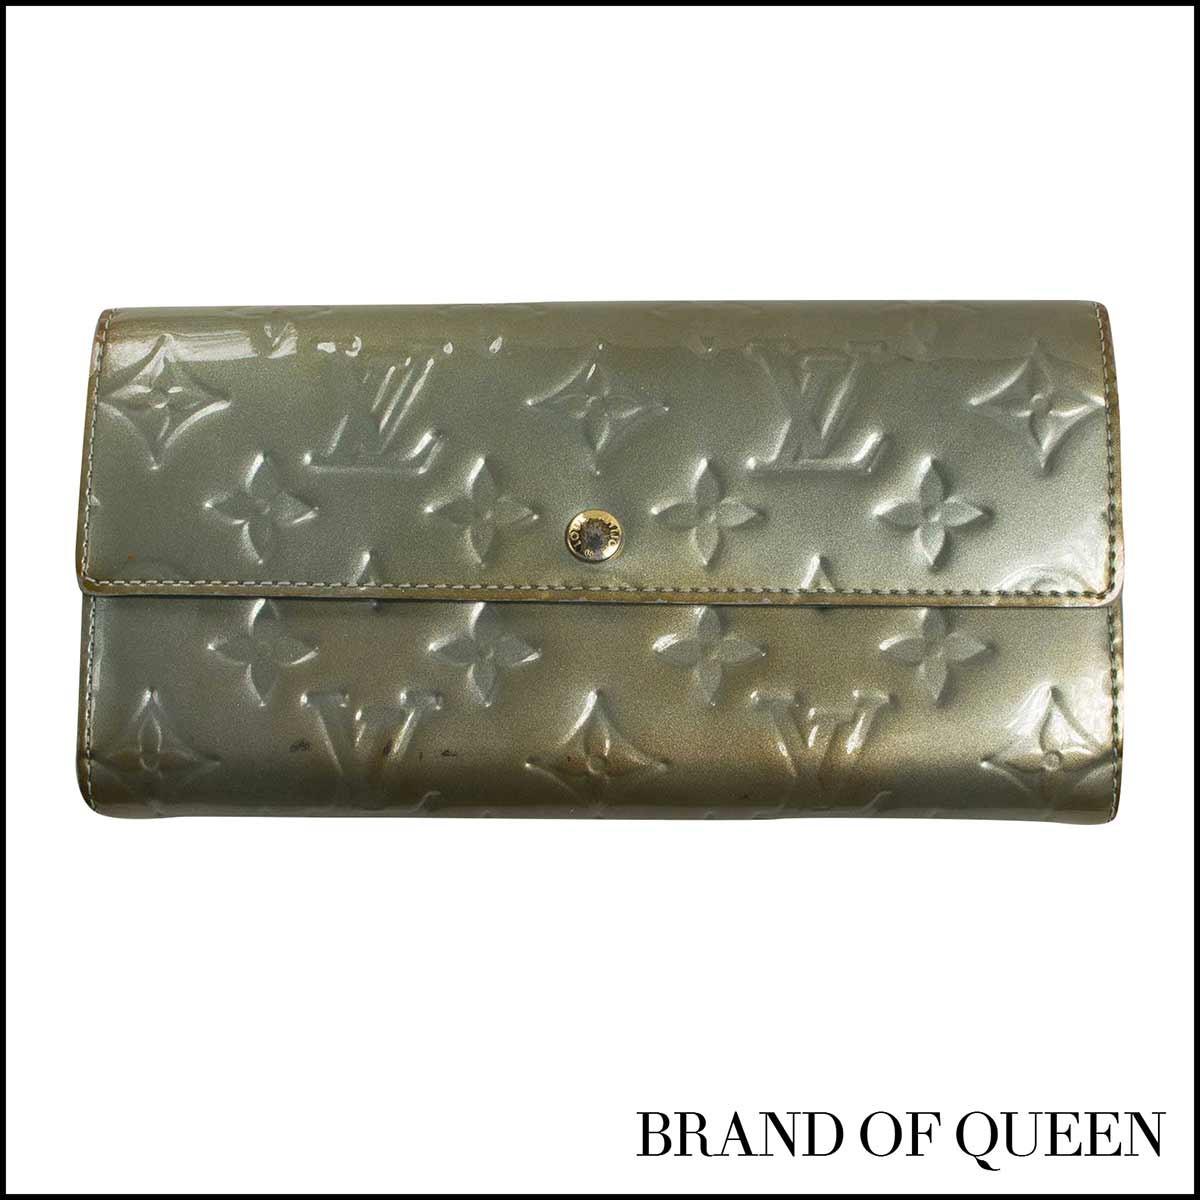 4e6071aed066 モノグラムが型押しされたエナメル素材で、フェミニンでエレガントな印象のモノグラム ヴェルニの財布です。